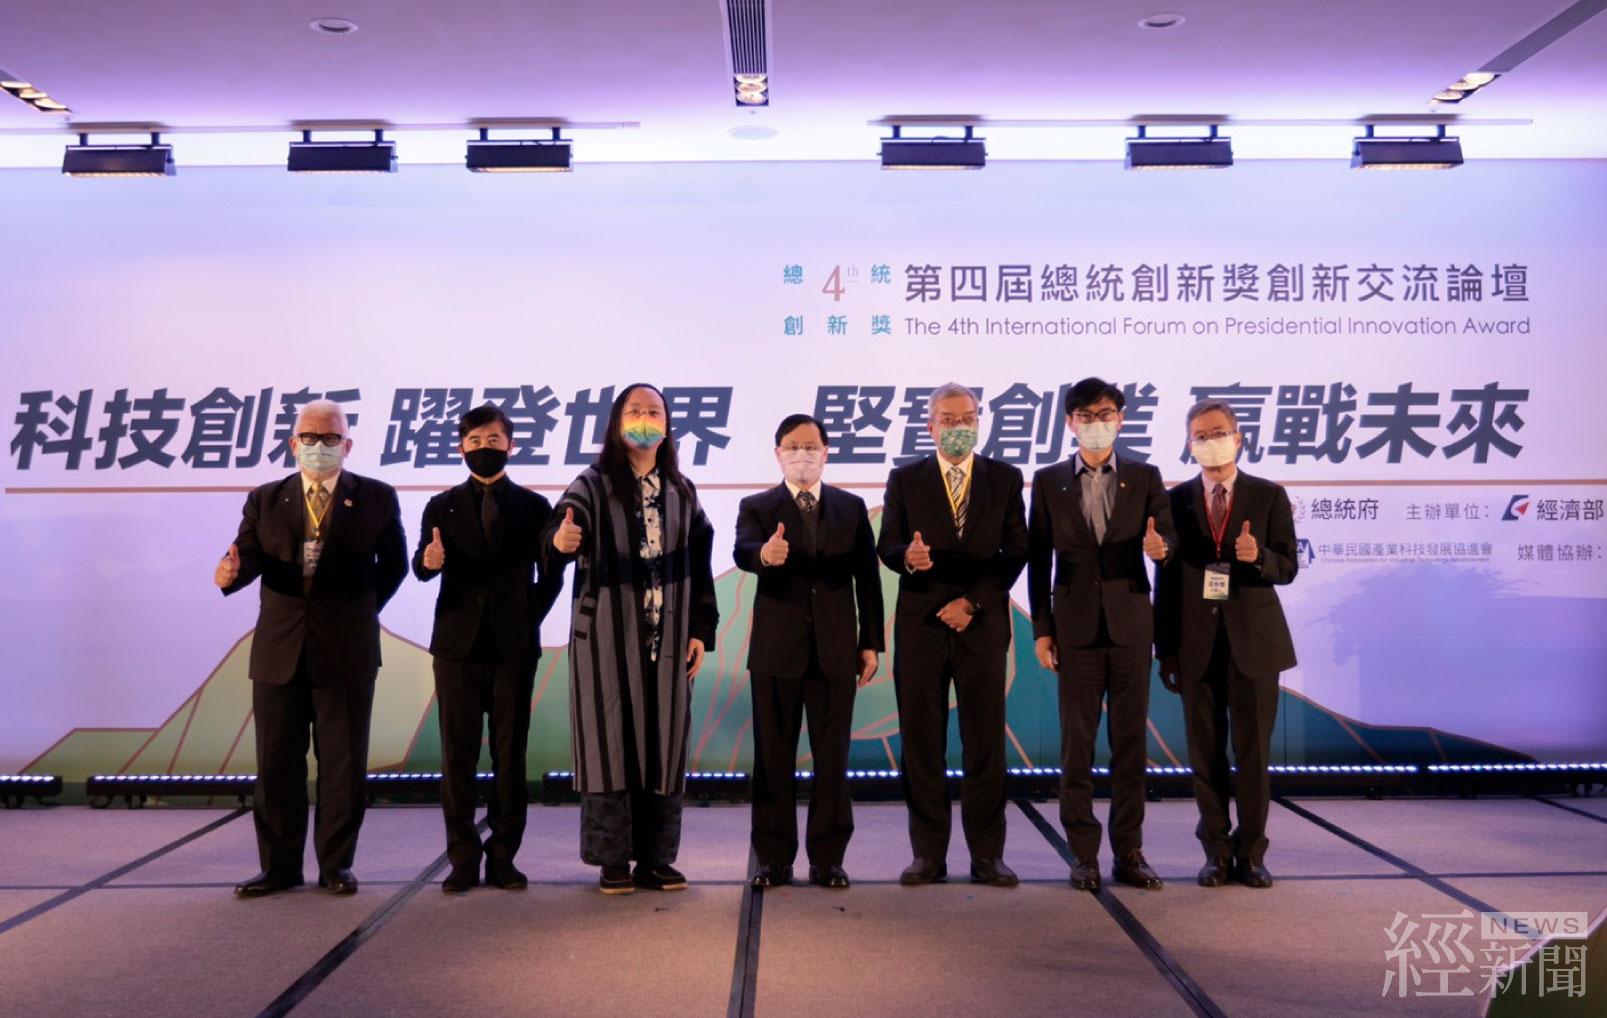 第四屆總統創新獎交流論壇 唐鳳與得獎人激盪創新火花